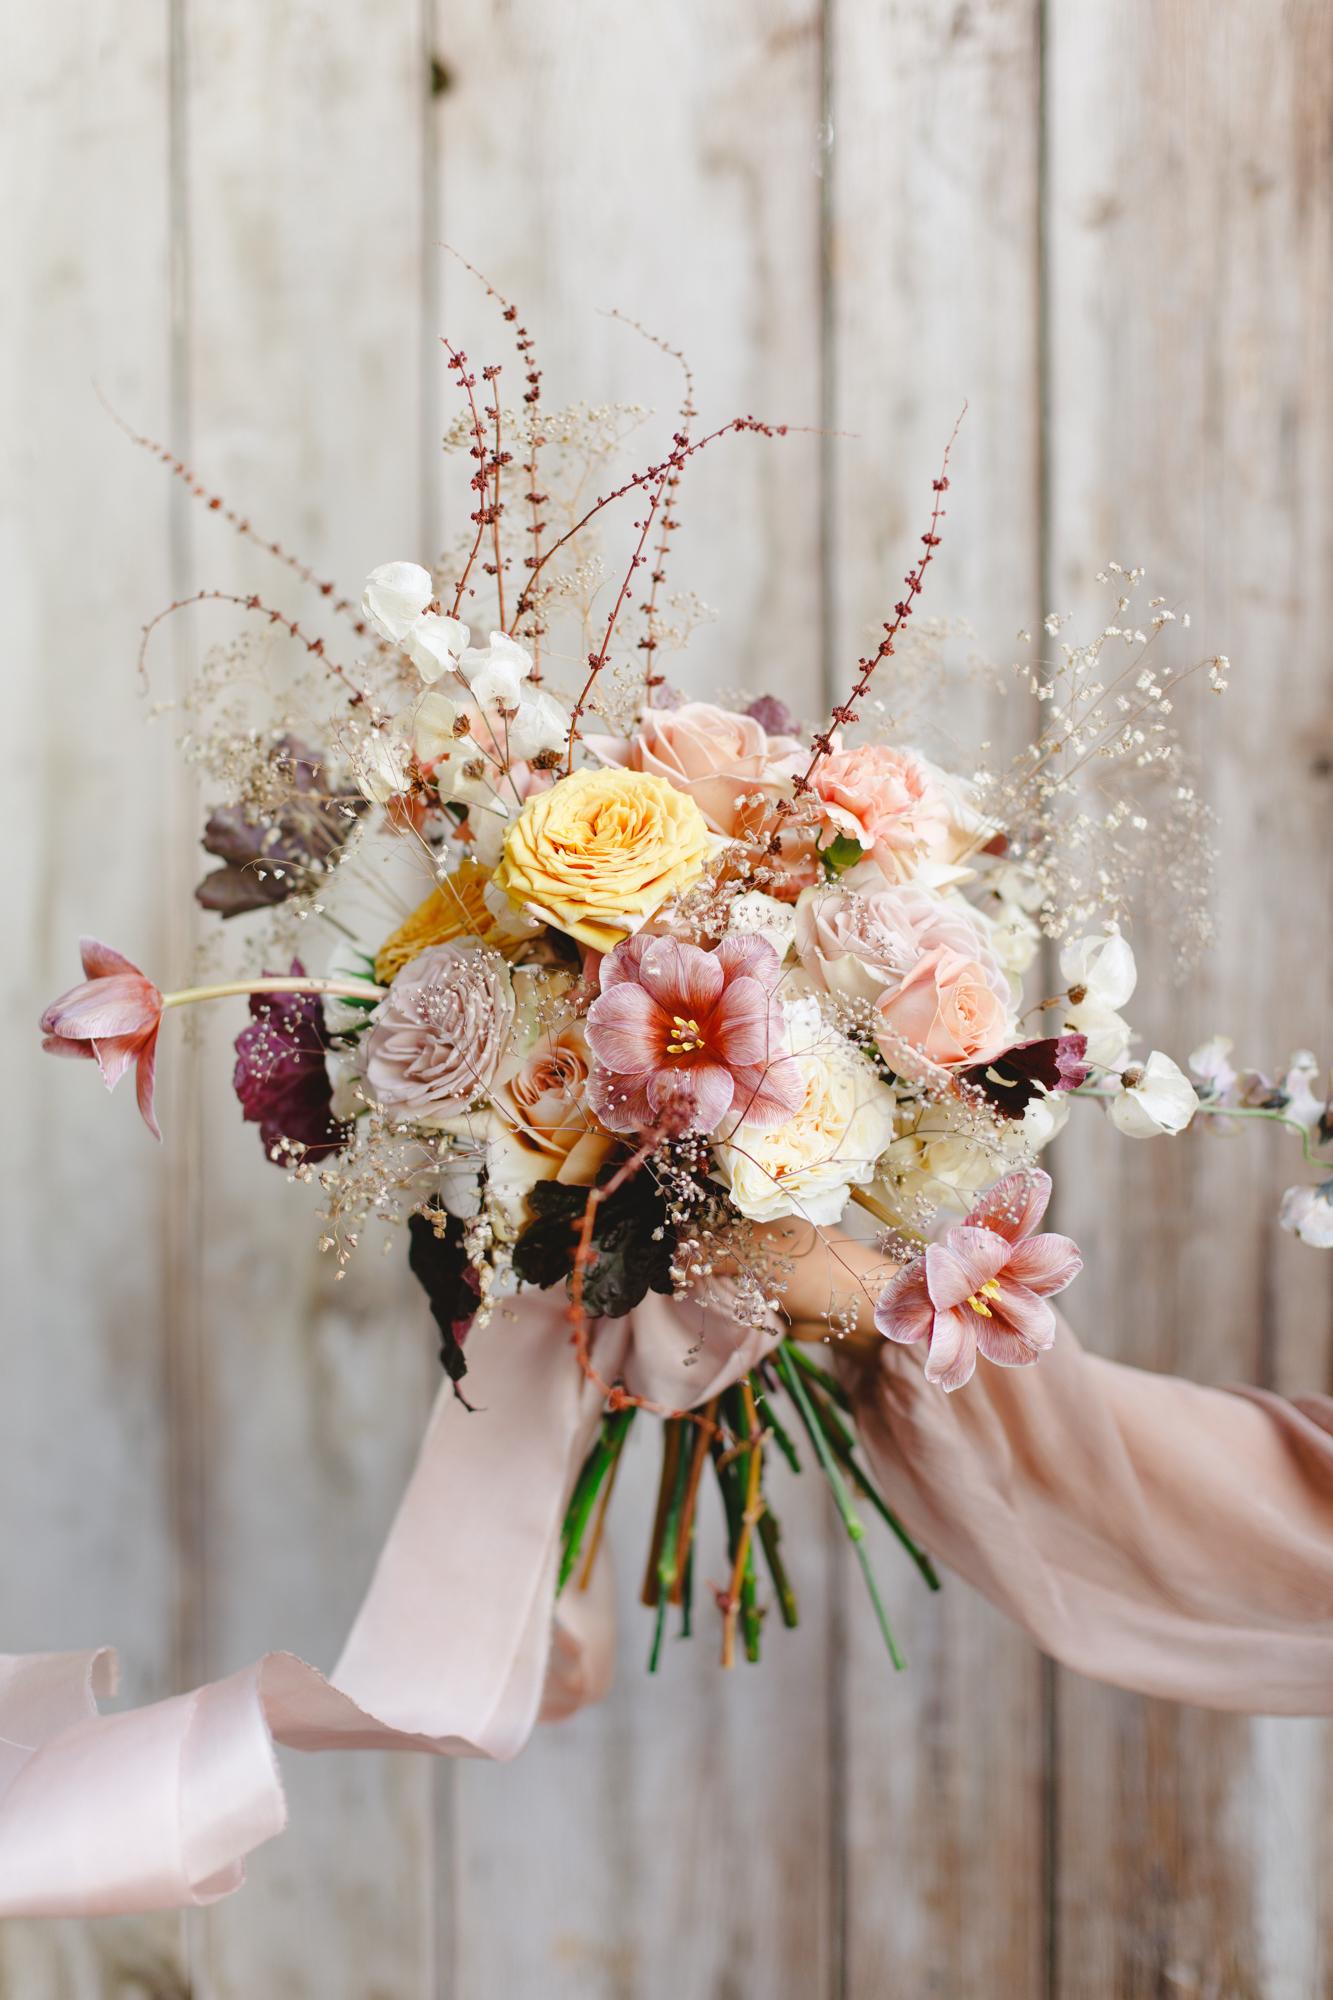 bouquet mariee nouvelle tendance destructure formation fleuriste